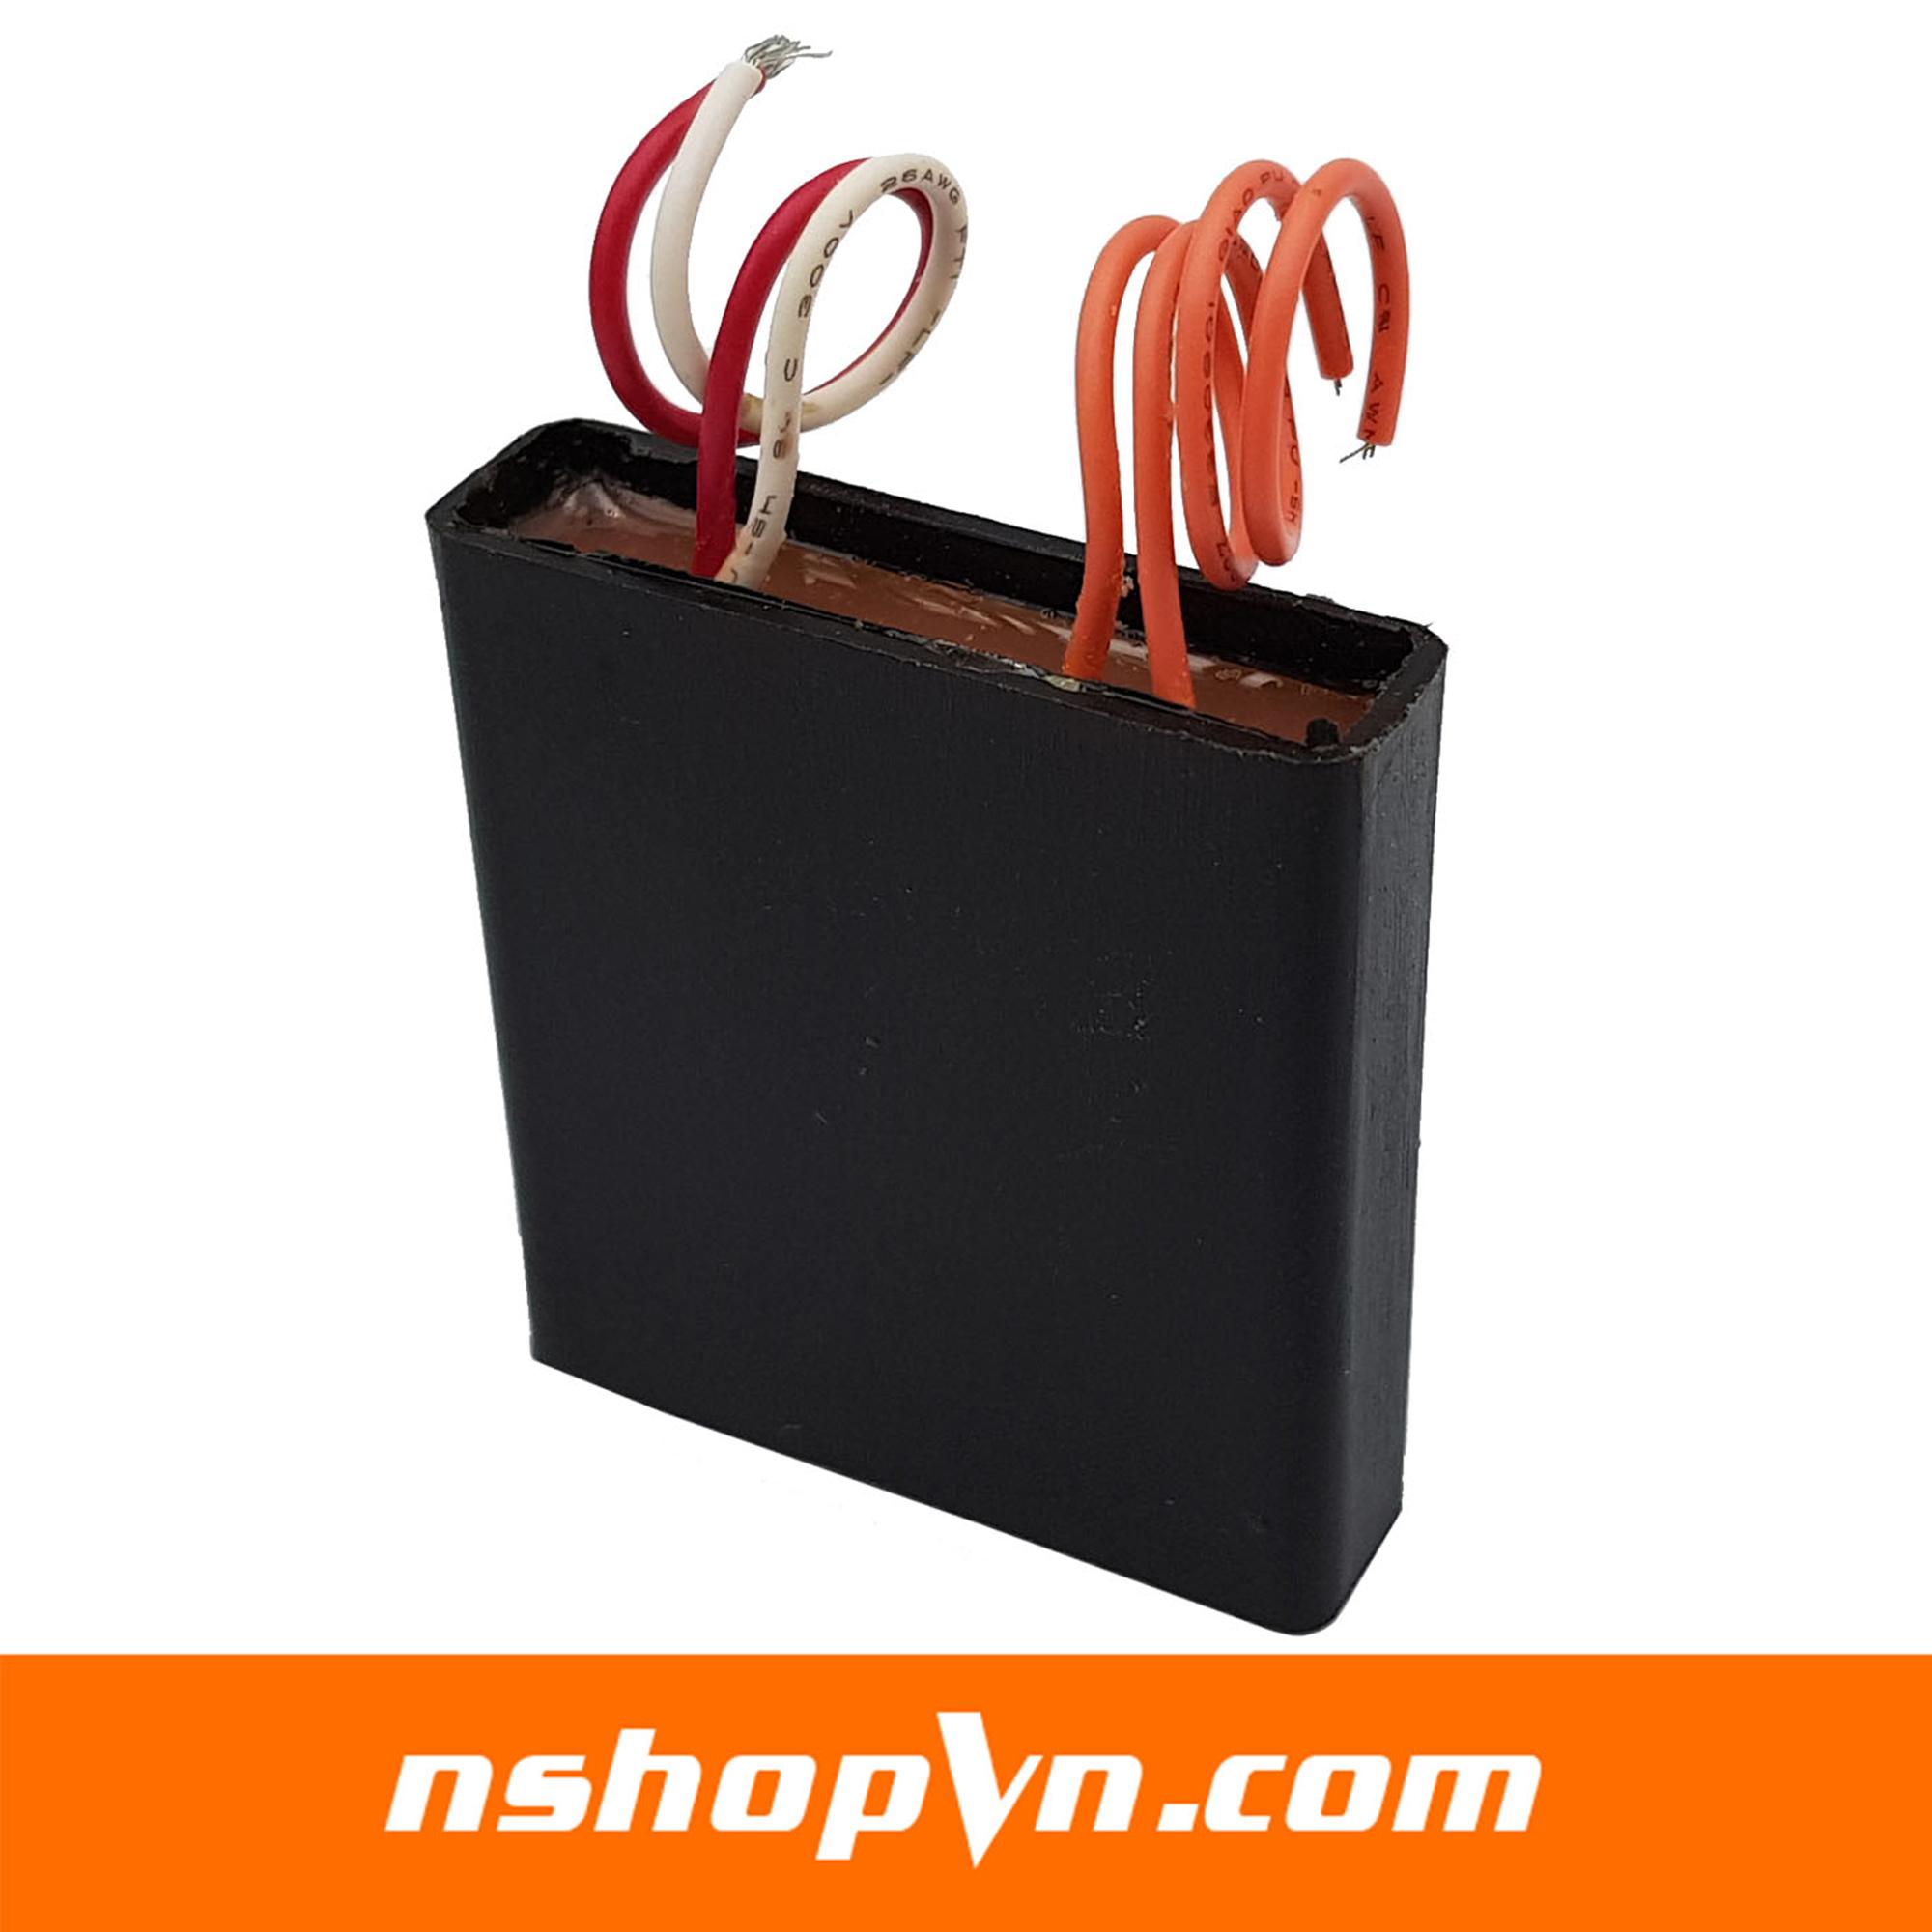 Module kích điện cao áp 400kV 3.7vdc - 6vdc